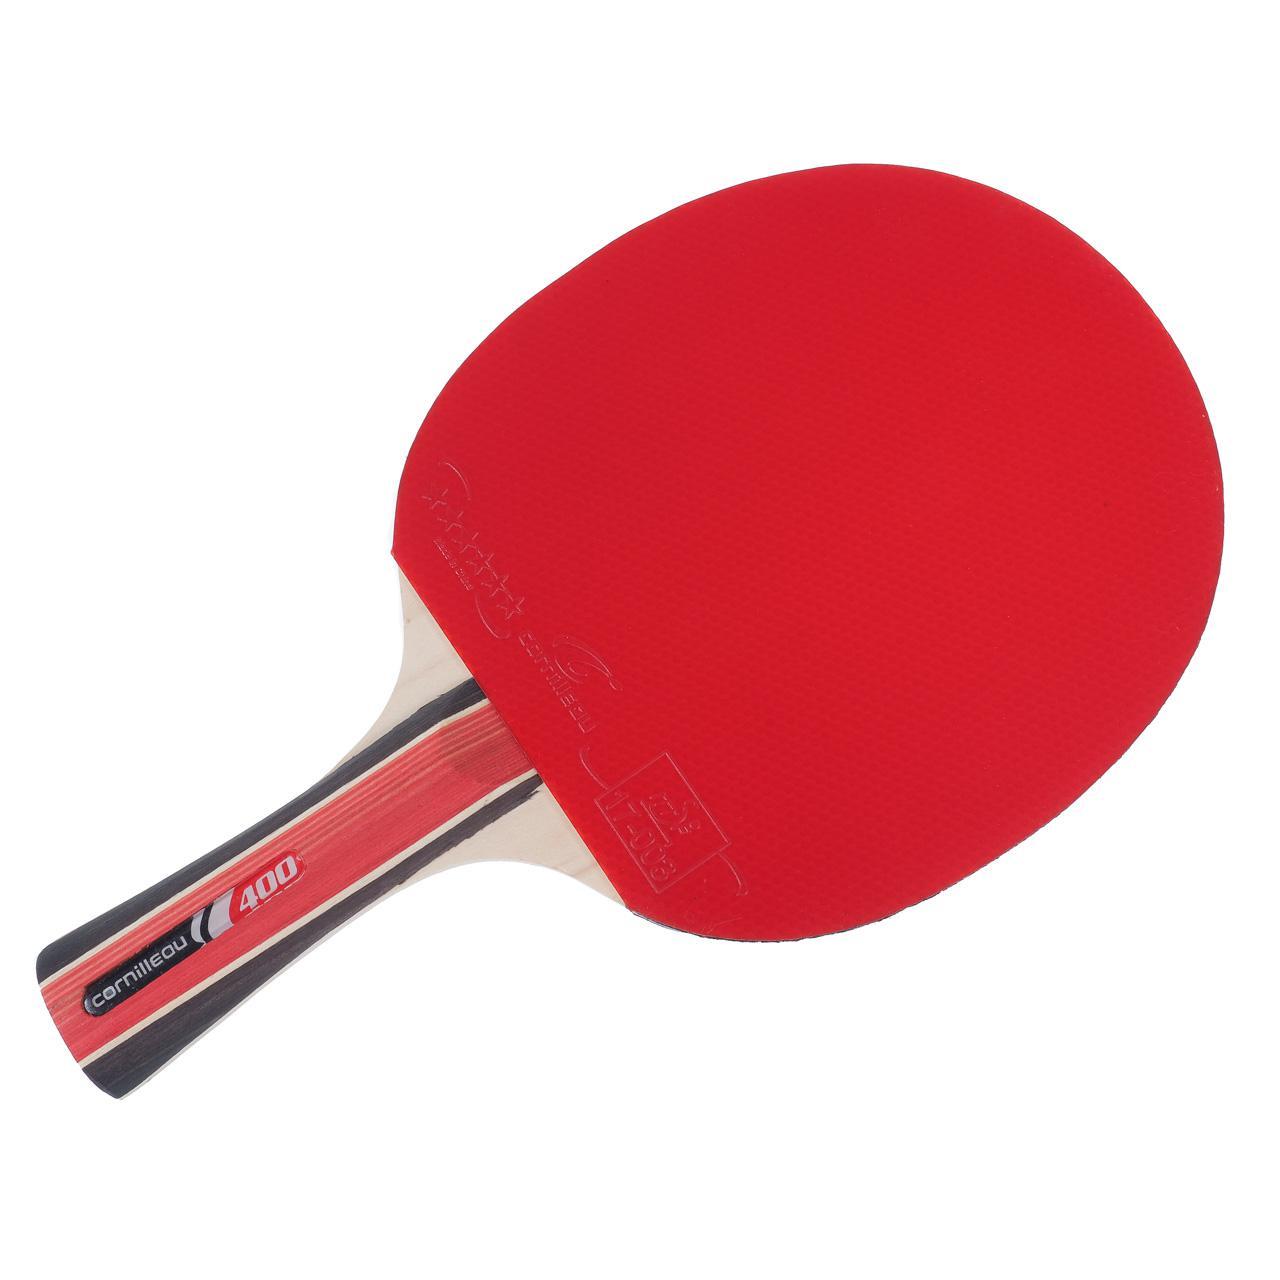 Raquette tennis de table cornilleau sport 400 rouge rouge 80602 neuf ebay - Raquette de tennis de table cornilleau ...